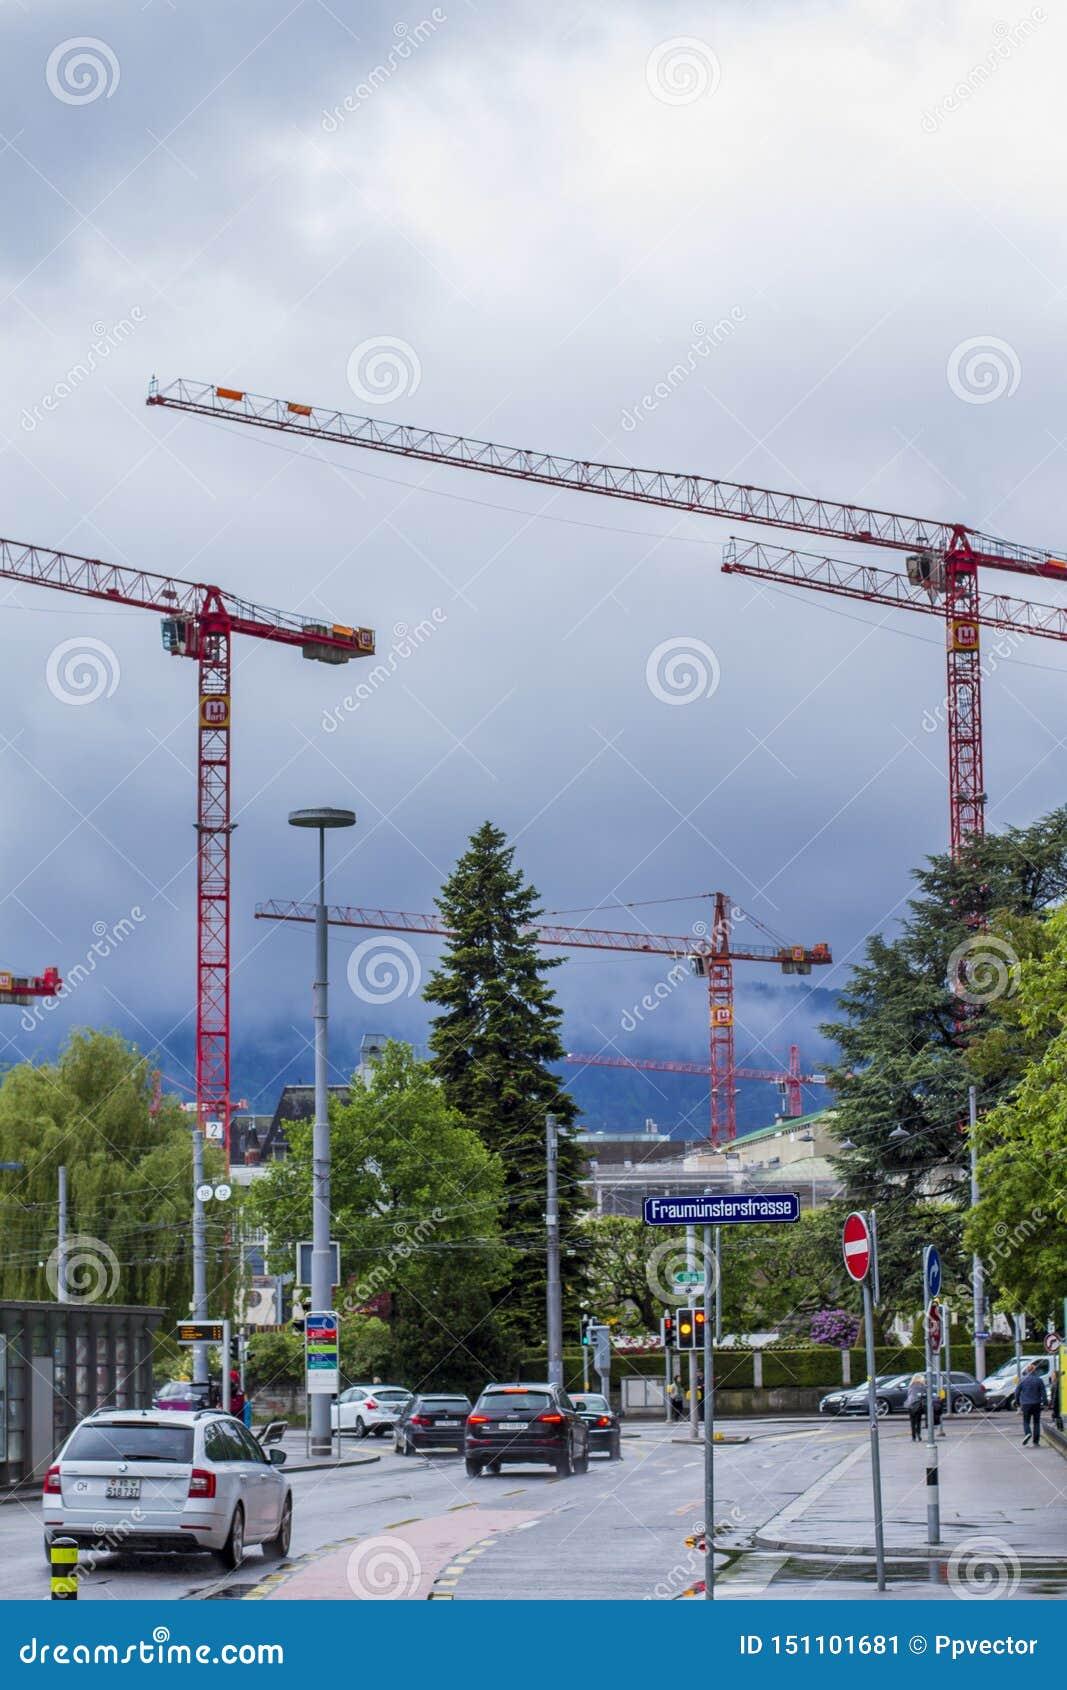 Zurich street. Construction cranes.